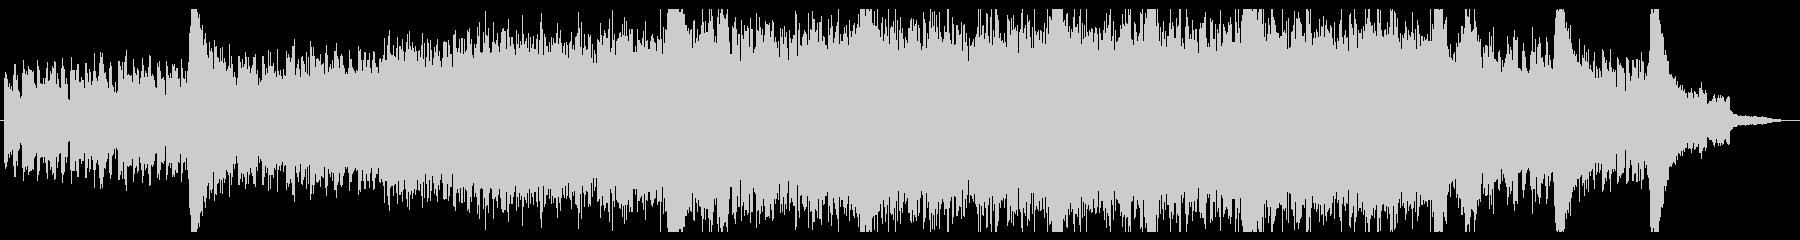 堂々たる曲調のドキュメンタリー的なBGMの未再生の波形